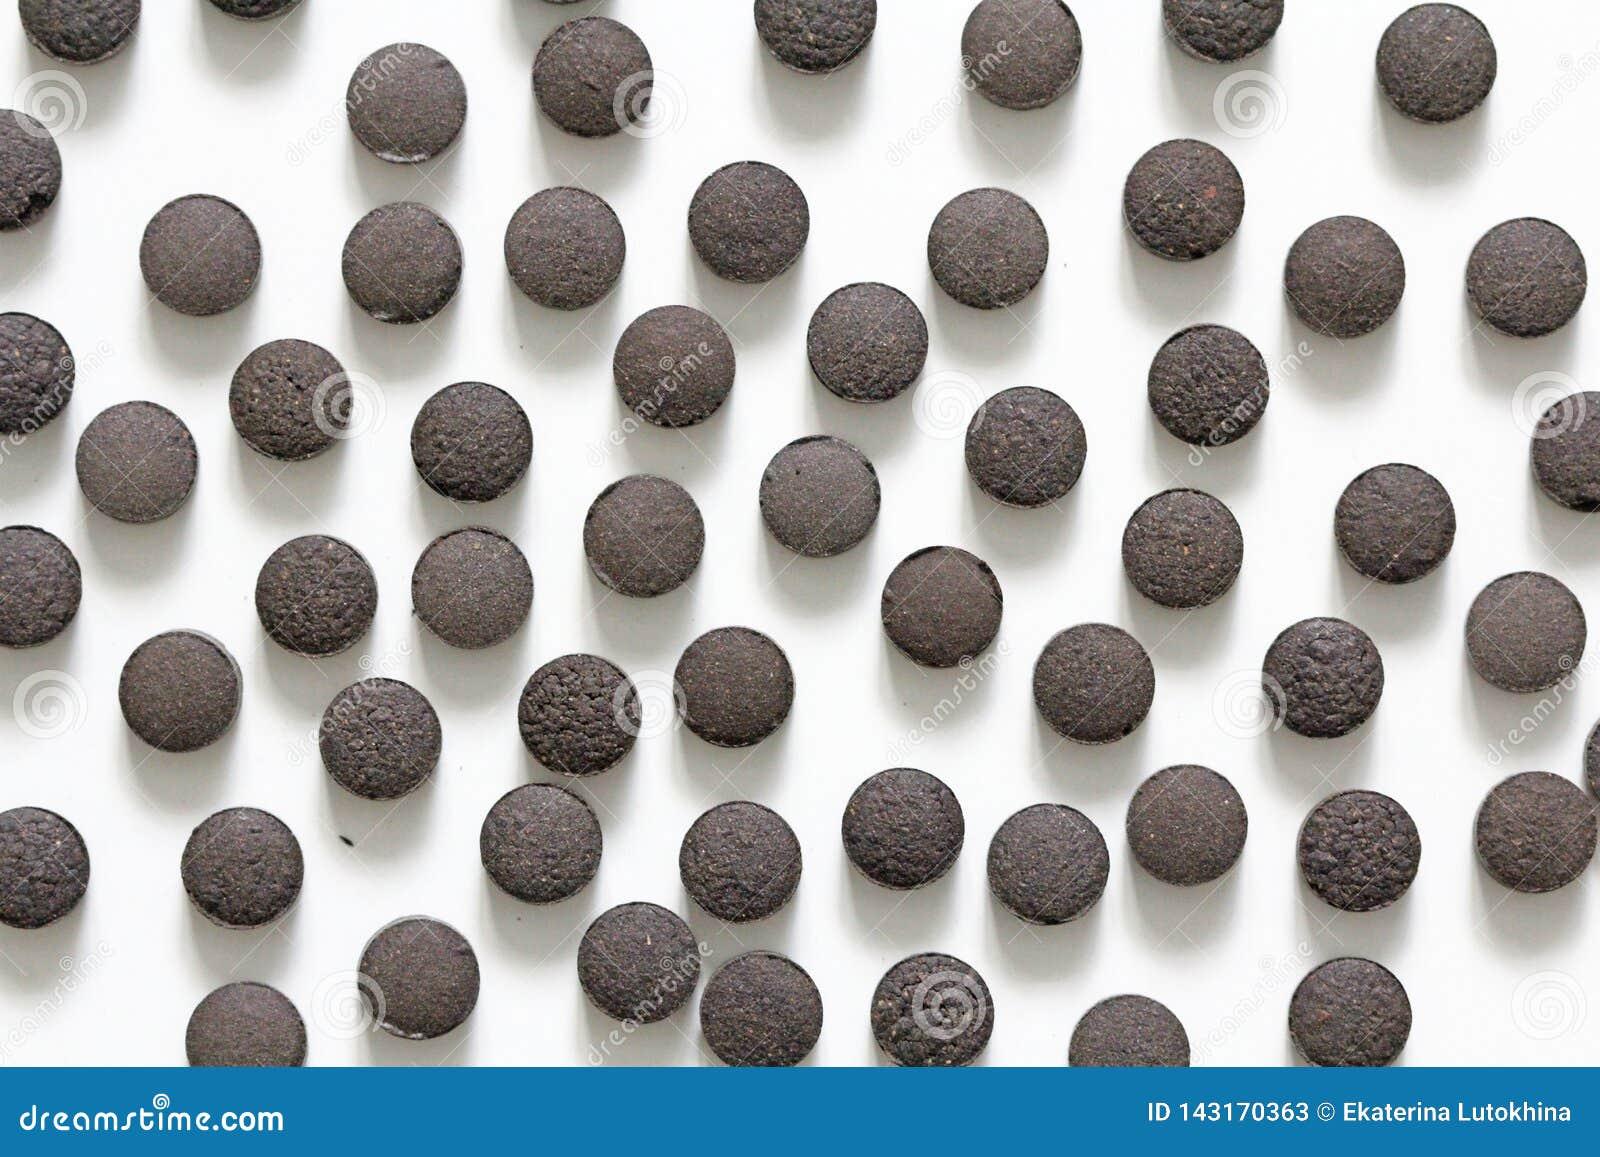 Ayurveda piller Växt- naturliga indiska piller, Ayurveda behandling Ayurvedic medicinört Bakgrund av pillret eller svart brunt